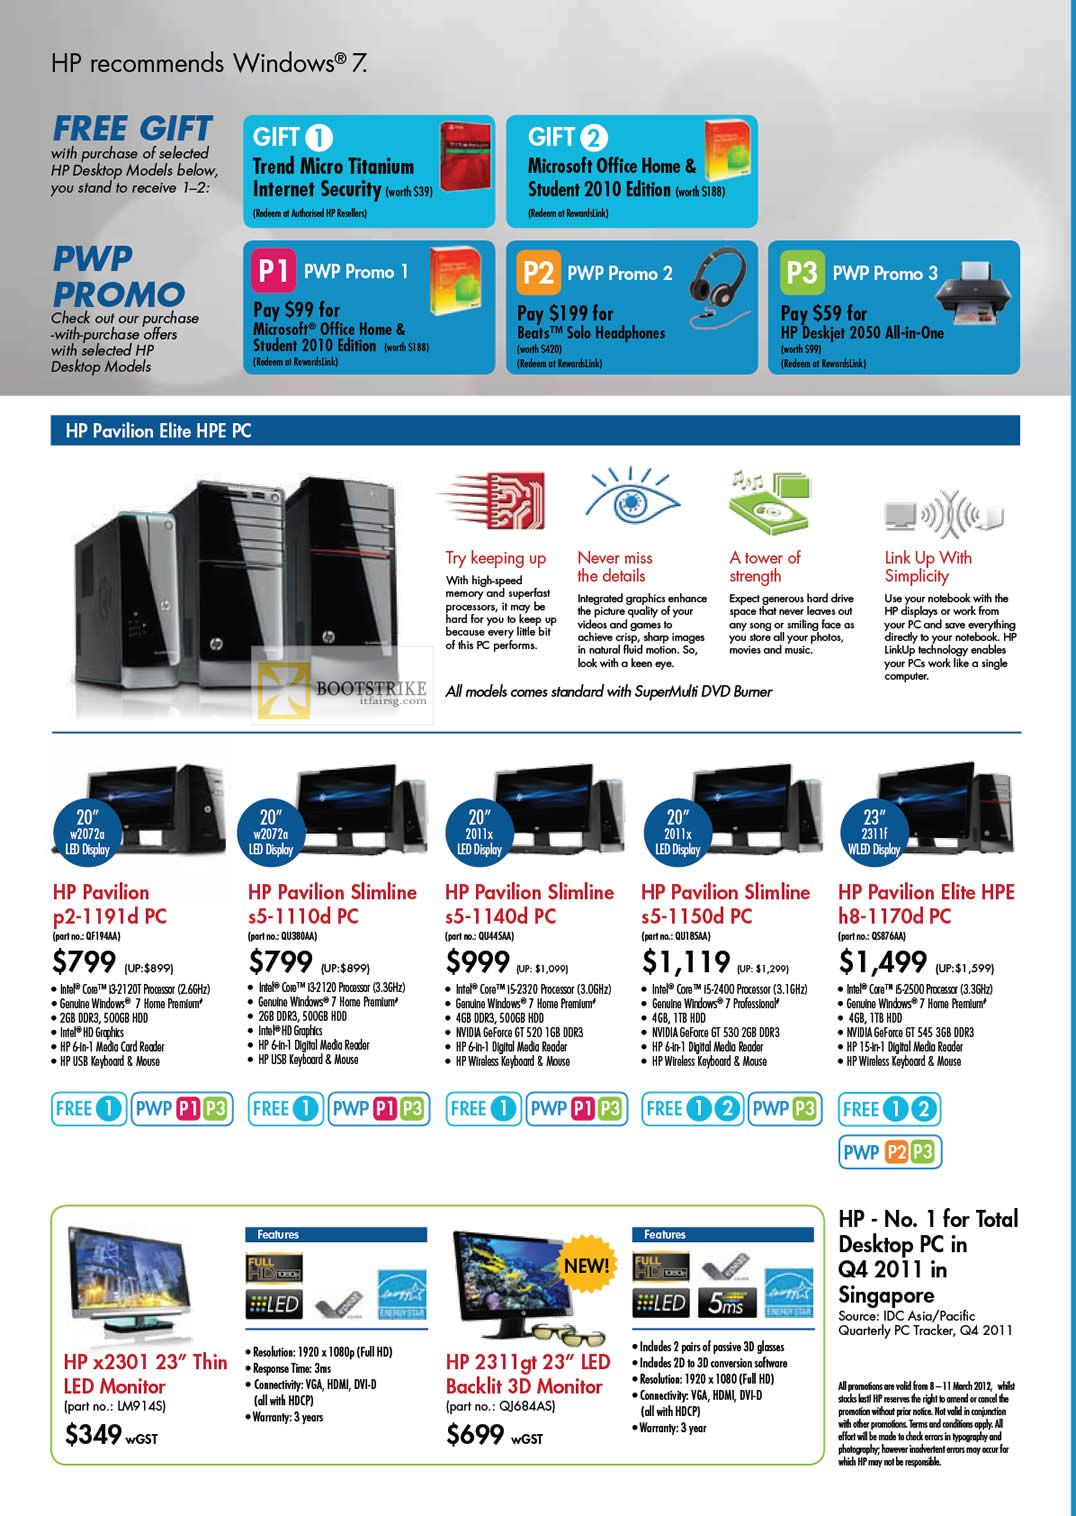 IT SHOW 2012 price list image brochure of HP Desktop PC Pavilion Elite HPE Features P2-1191d, Slimline S5-1110d, S5-1140d, S5-1150d, H8-1170d, X2301 LED Monitor, 2311gt 3D Monitor